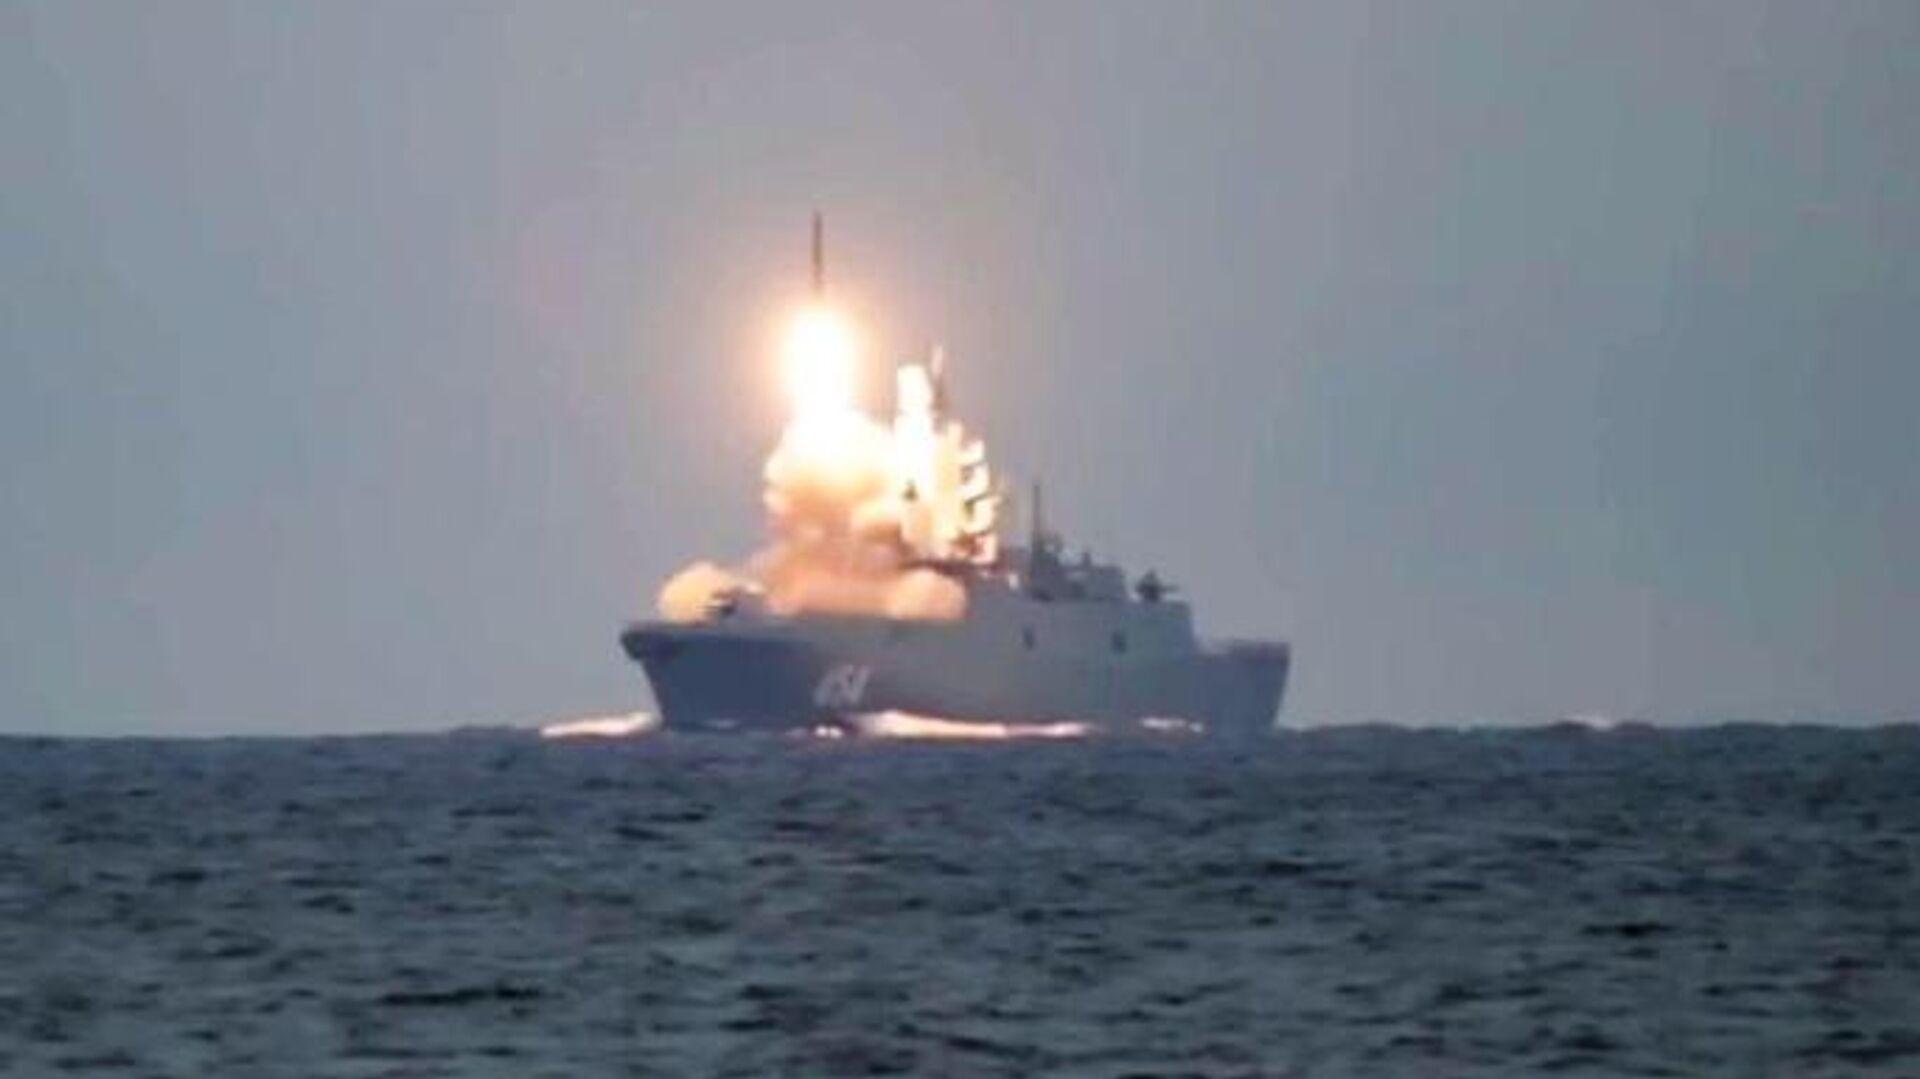 Первый запуск гиперзвуковой ракеты Циркон с фрегата Адмирал Горшков в Белом море по морской цели в Баренцевом море - РИА Новости, 1920, 07.10.2020